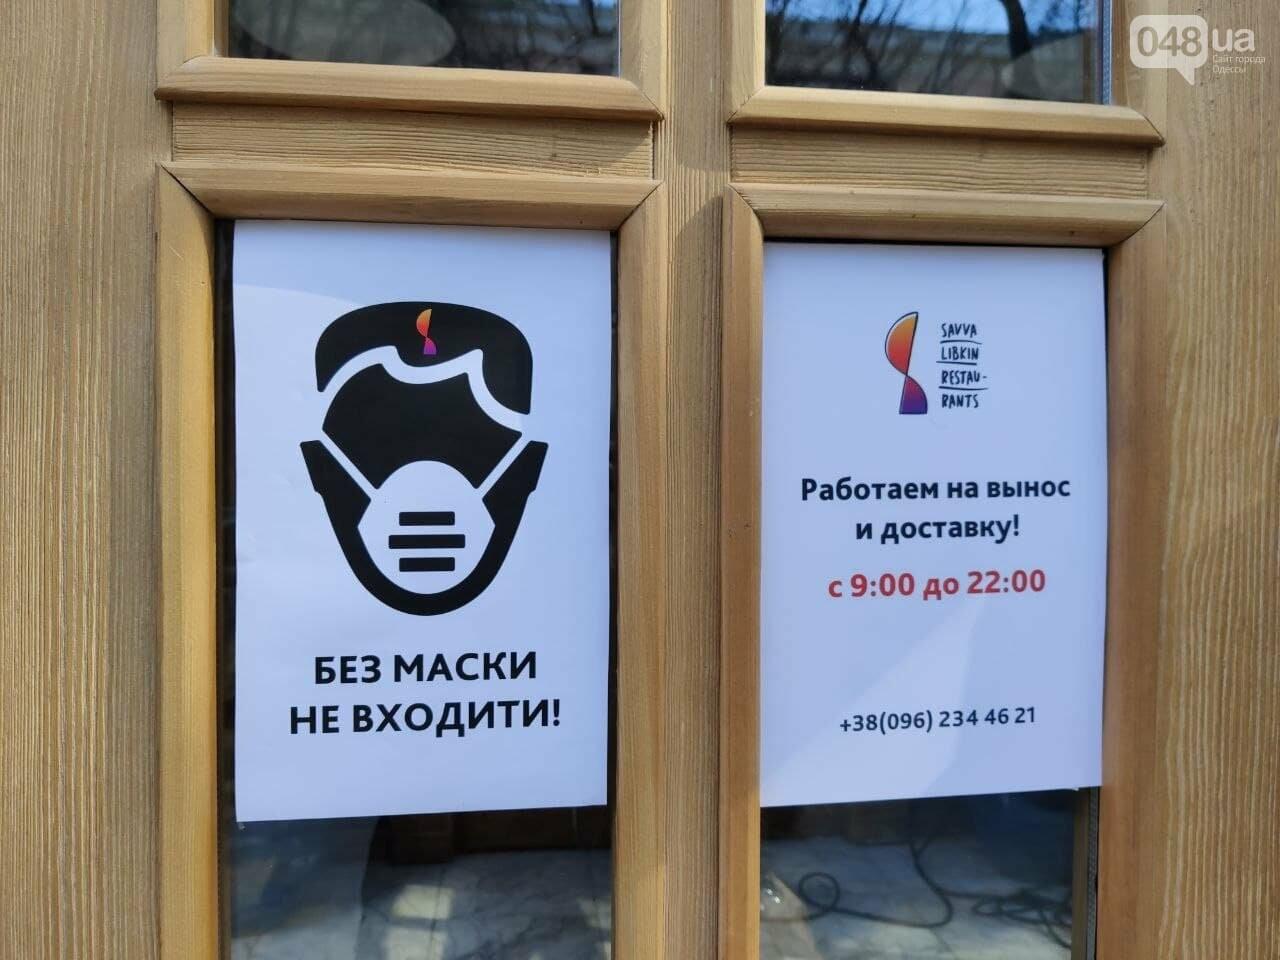 Закрыты не все: как в Одессе работают кафе и рестораны, - ФОТО, фото-2